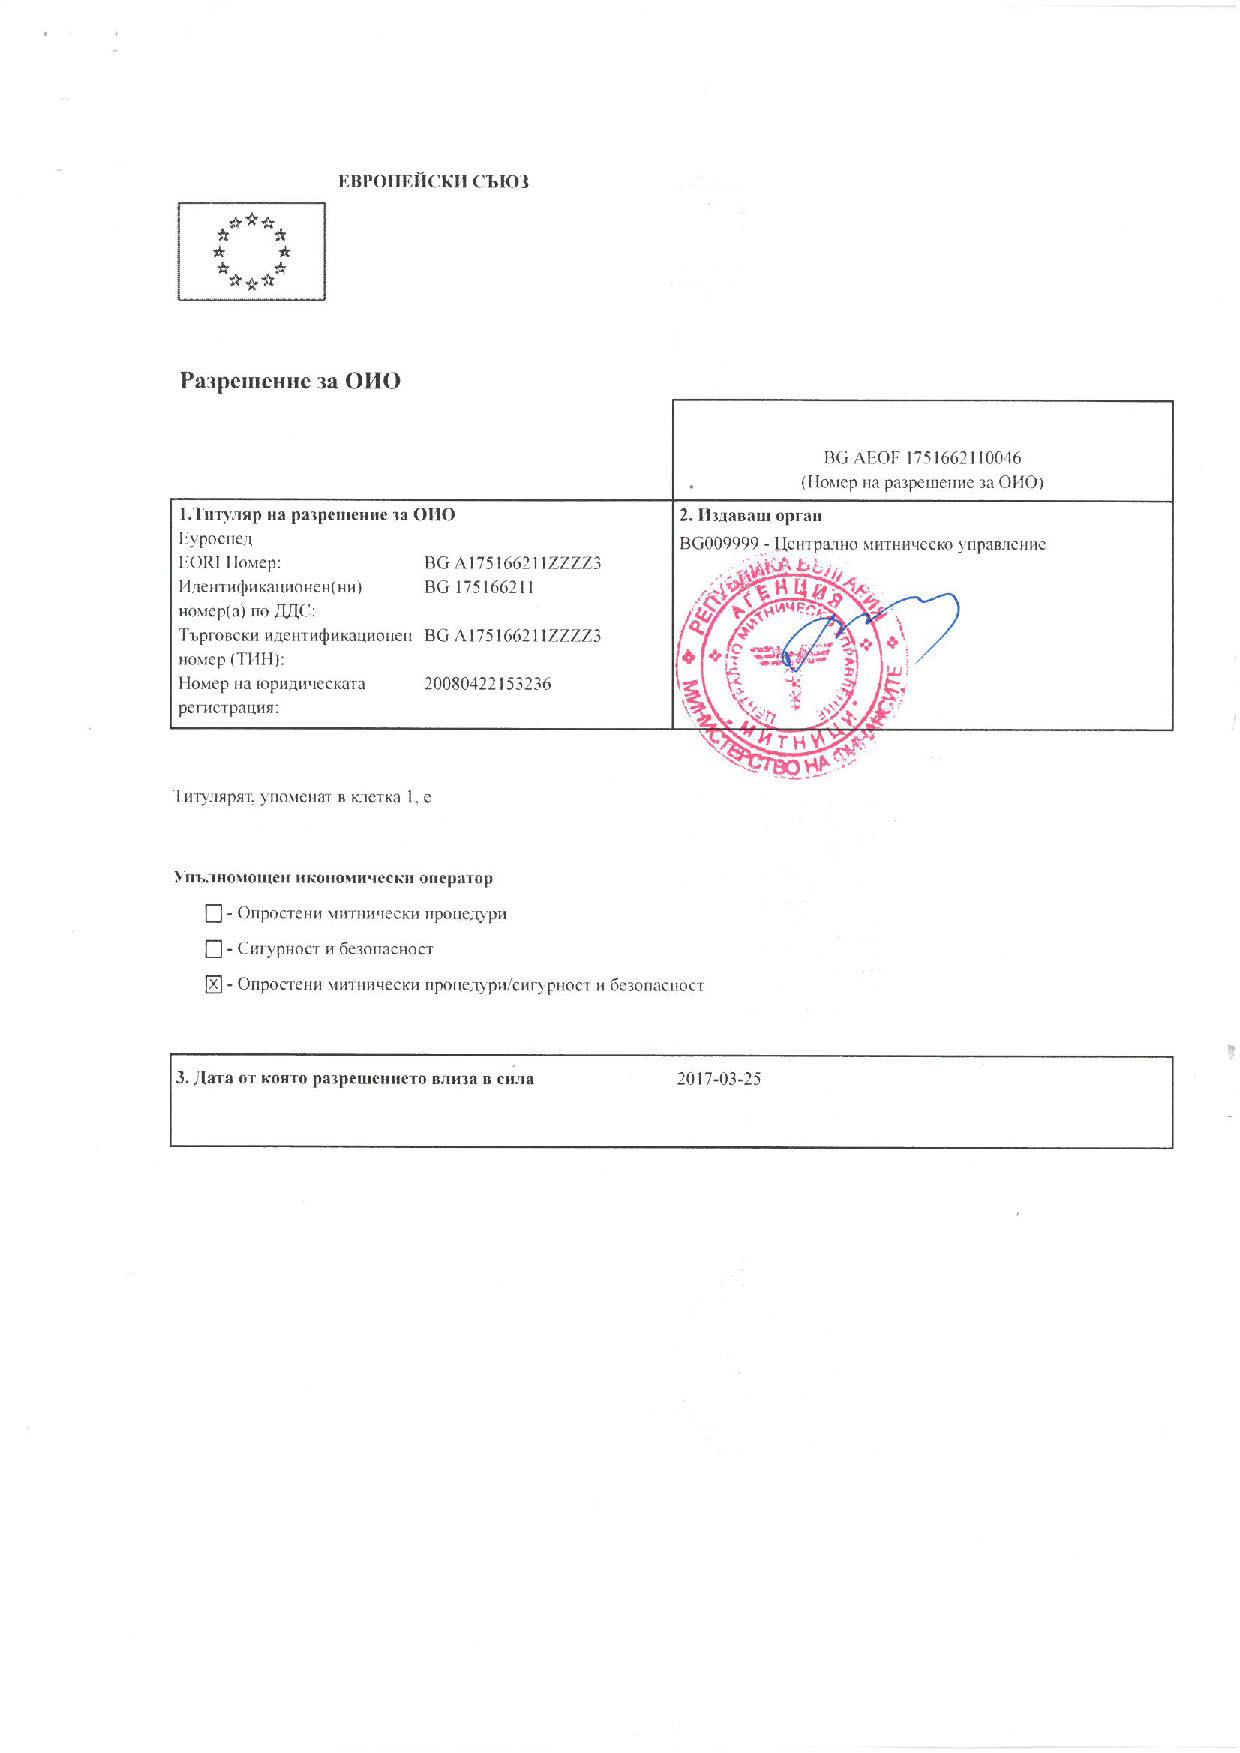 ScanJob_n.vangelova_2017-03-27_15-25-17-660_Page_2